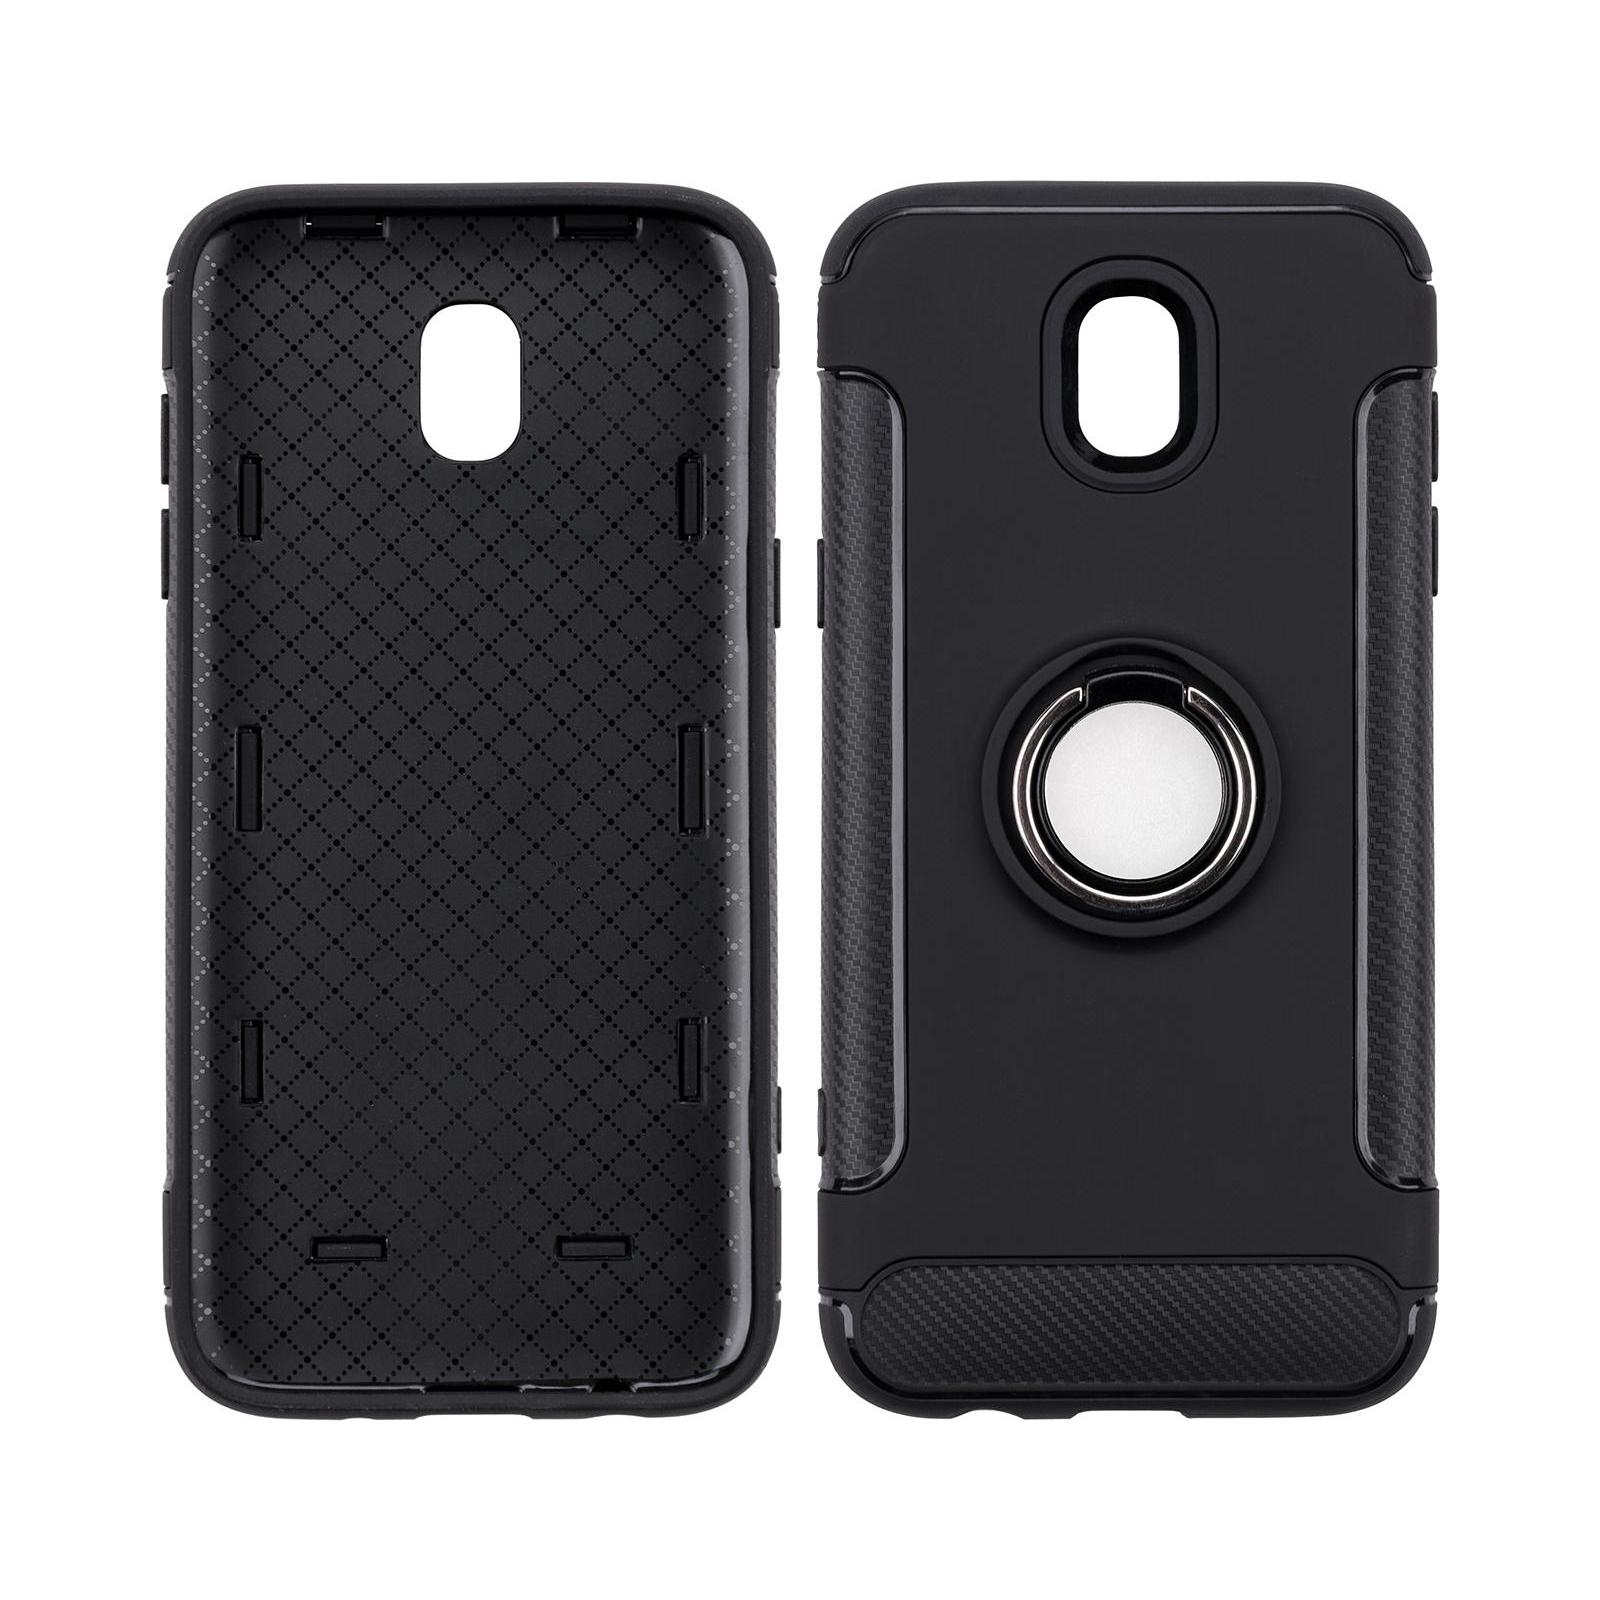 Чехол для моб. телефона Laudtec для Samsung J5 2017/J530 Ring stand (black) (LR-J530-BC) изображение 5